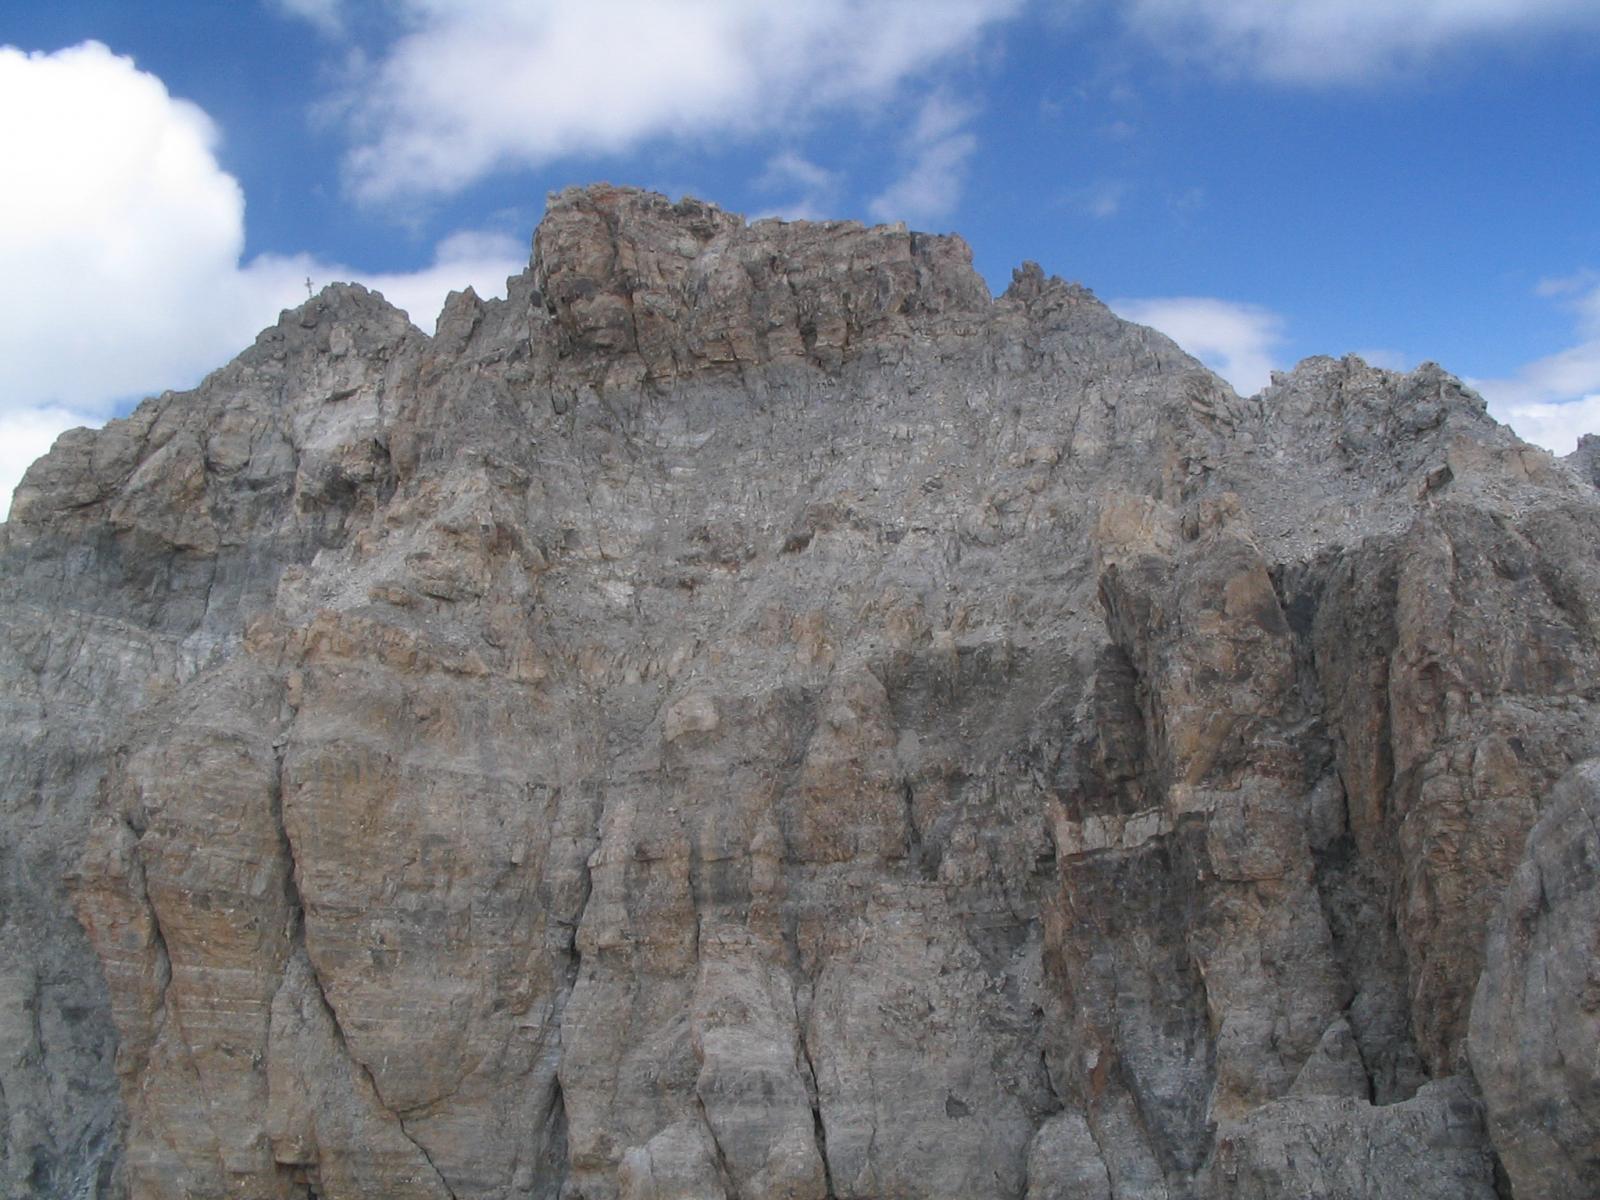 La vetta dell'Oronaye, vista dal Monte Dronero (cima della ferrata)